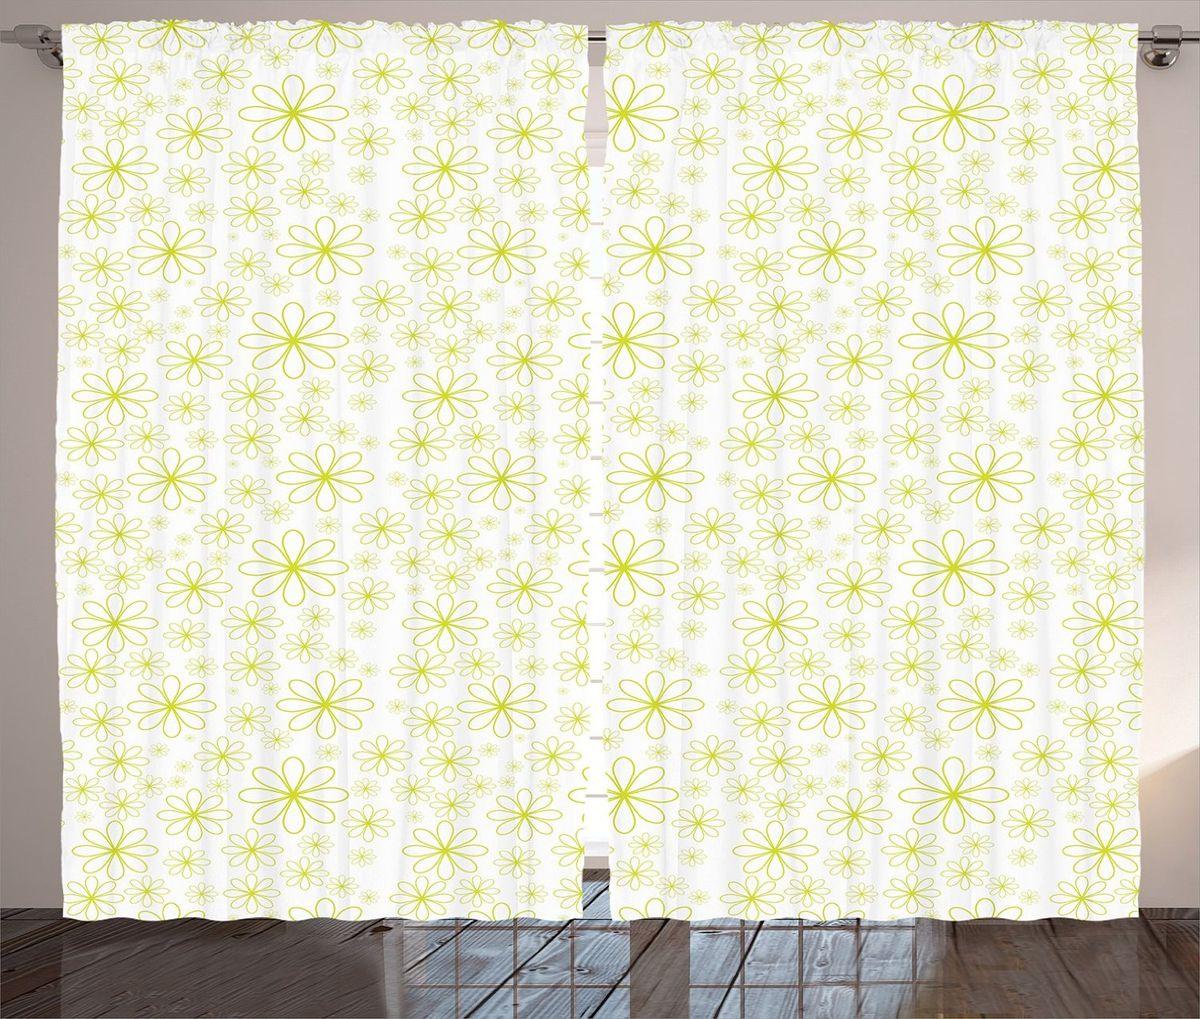 Комплект фотоштор Magic Lady Зеленые цветы, на ленте, высота 265 смшсг_12352Фотошторы Magic Lady Зеленые цветы, изготовленные из высококачественного сатена (полиэстер 100%), отлично дополнят любой интерьер. При изготовлении используются специальные гипоаллергенные чернила для прямой печати по ткани, безопасные для человека и животных. Крепление на карниз при помощи шторной ленты на крючки. В комплекте 2 шторы, 50 крючков. Ширина одного полотна: 145 см. Высота штор: 265 см. Изображение на мониторе может немного отличаться от реального.